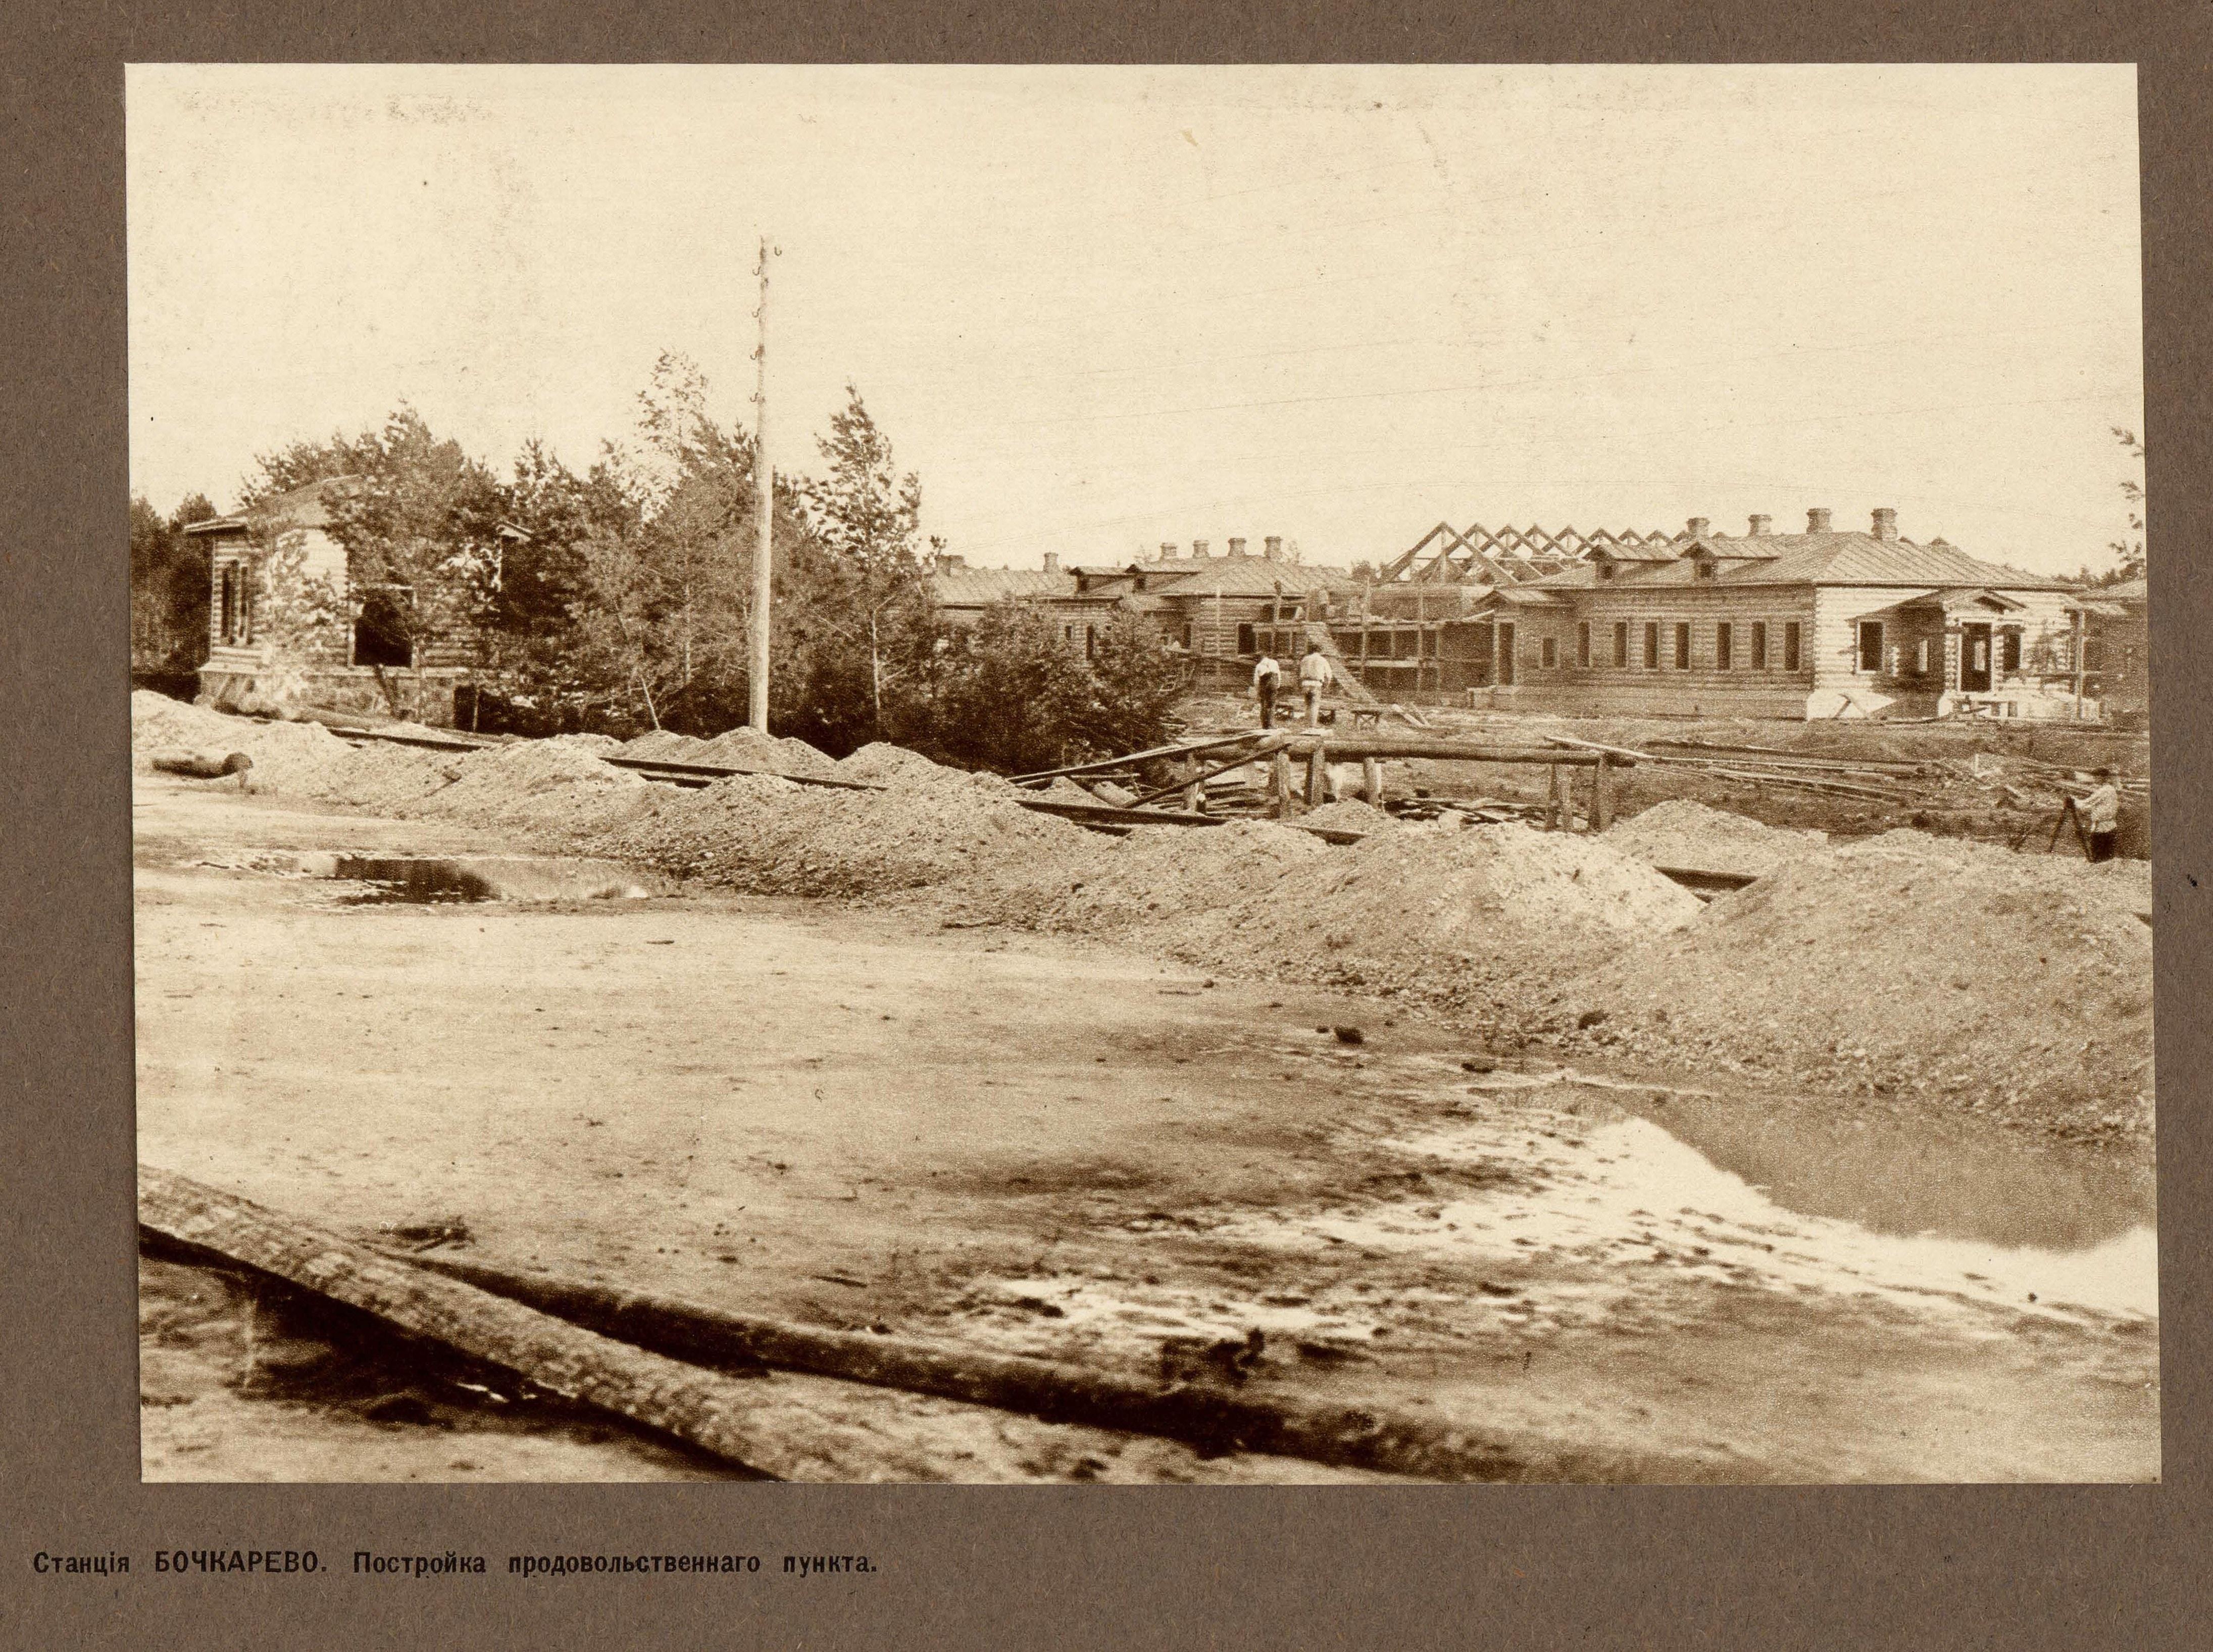 Станция Бочкарево. Постройка продовольственного пункта